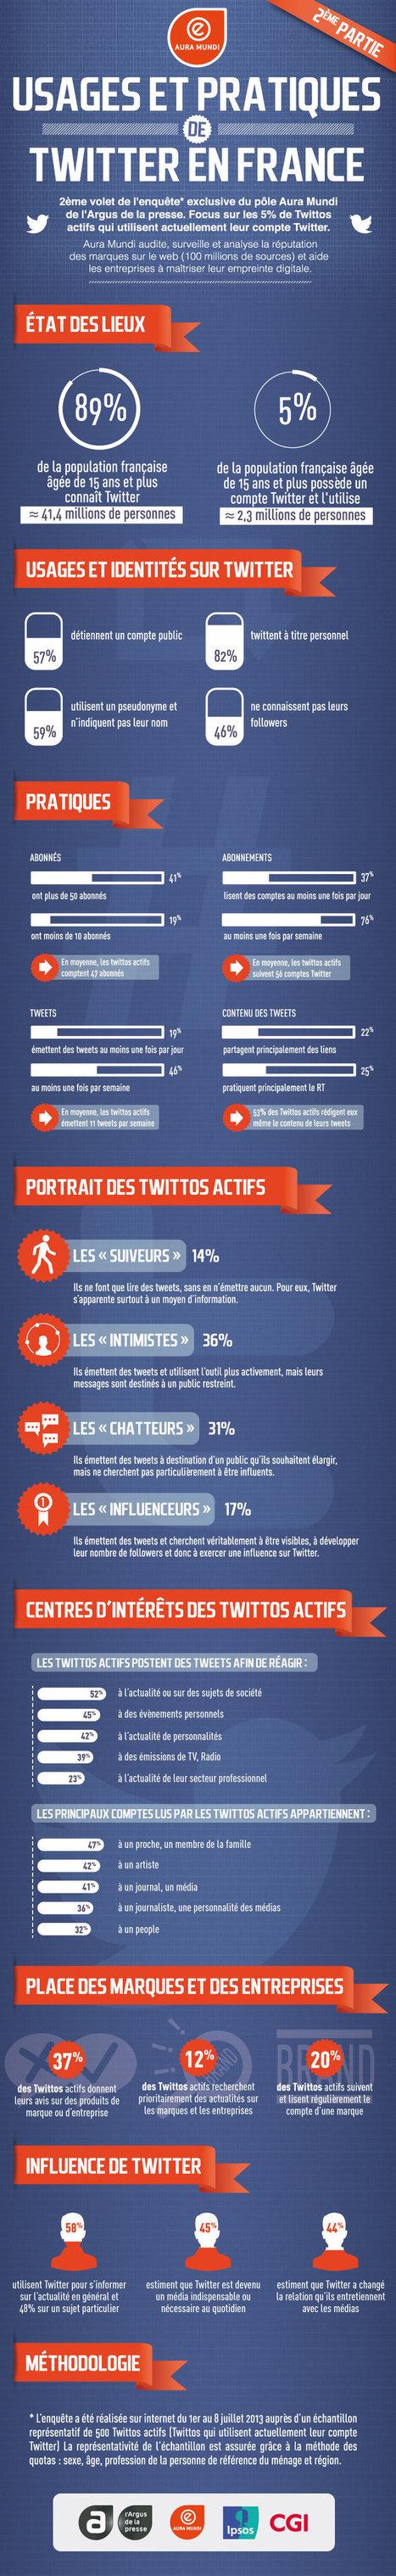 Les usages de Twitter en France en 2013 | SEO et Webmarketing | Scoop.it